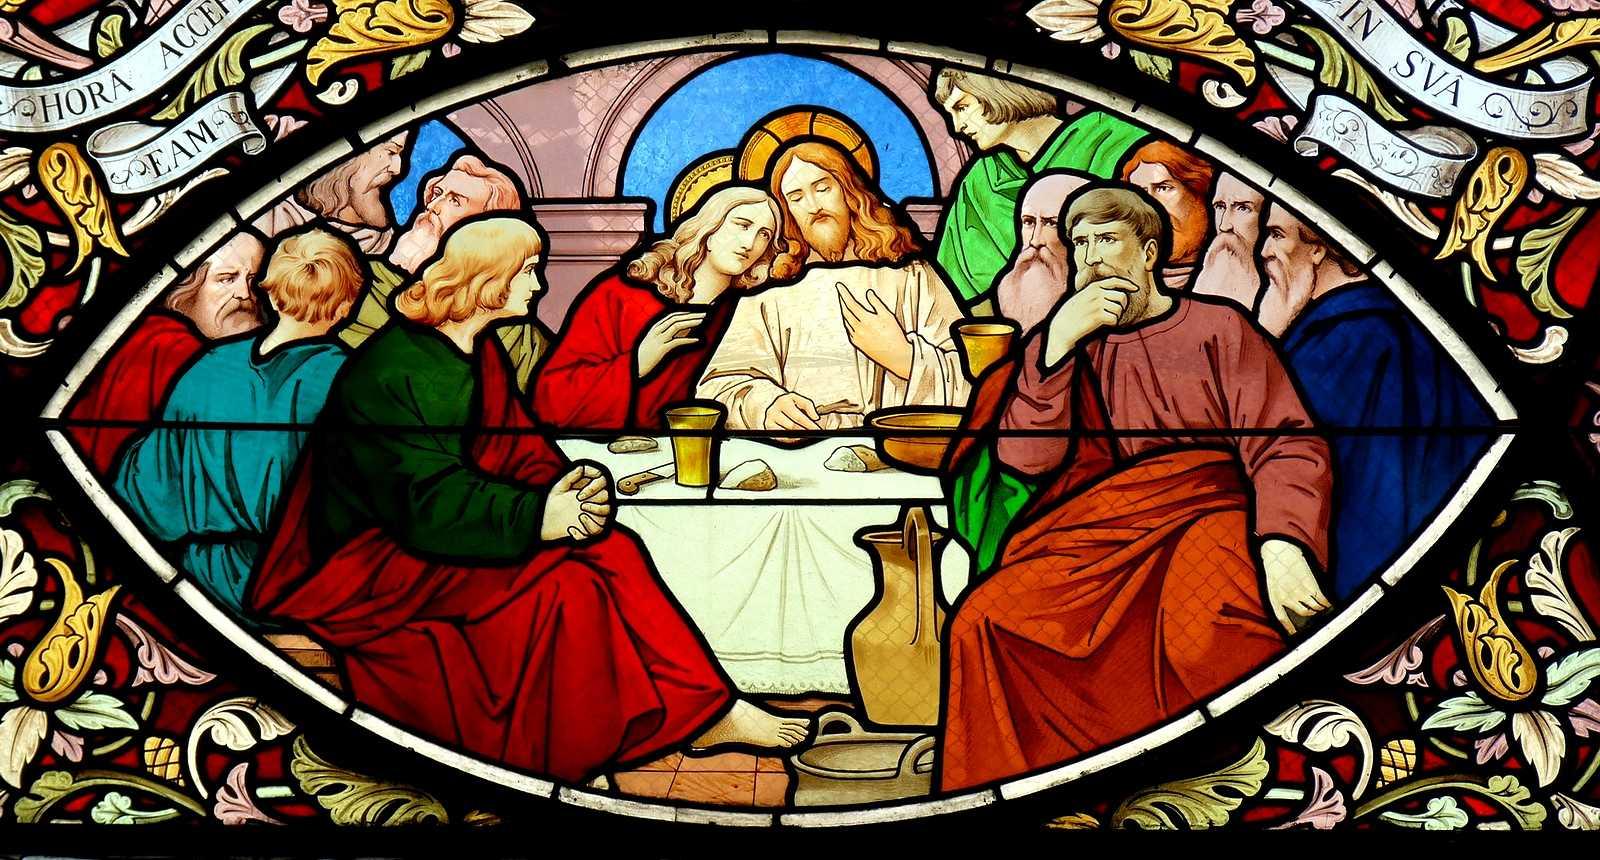 Détail d'un vitrail de l'église Saint-Georges de Vesoul